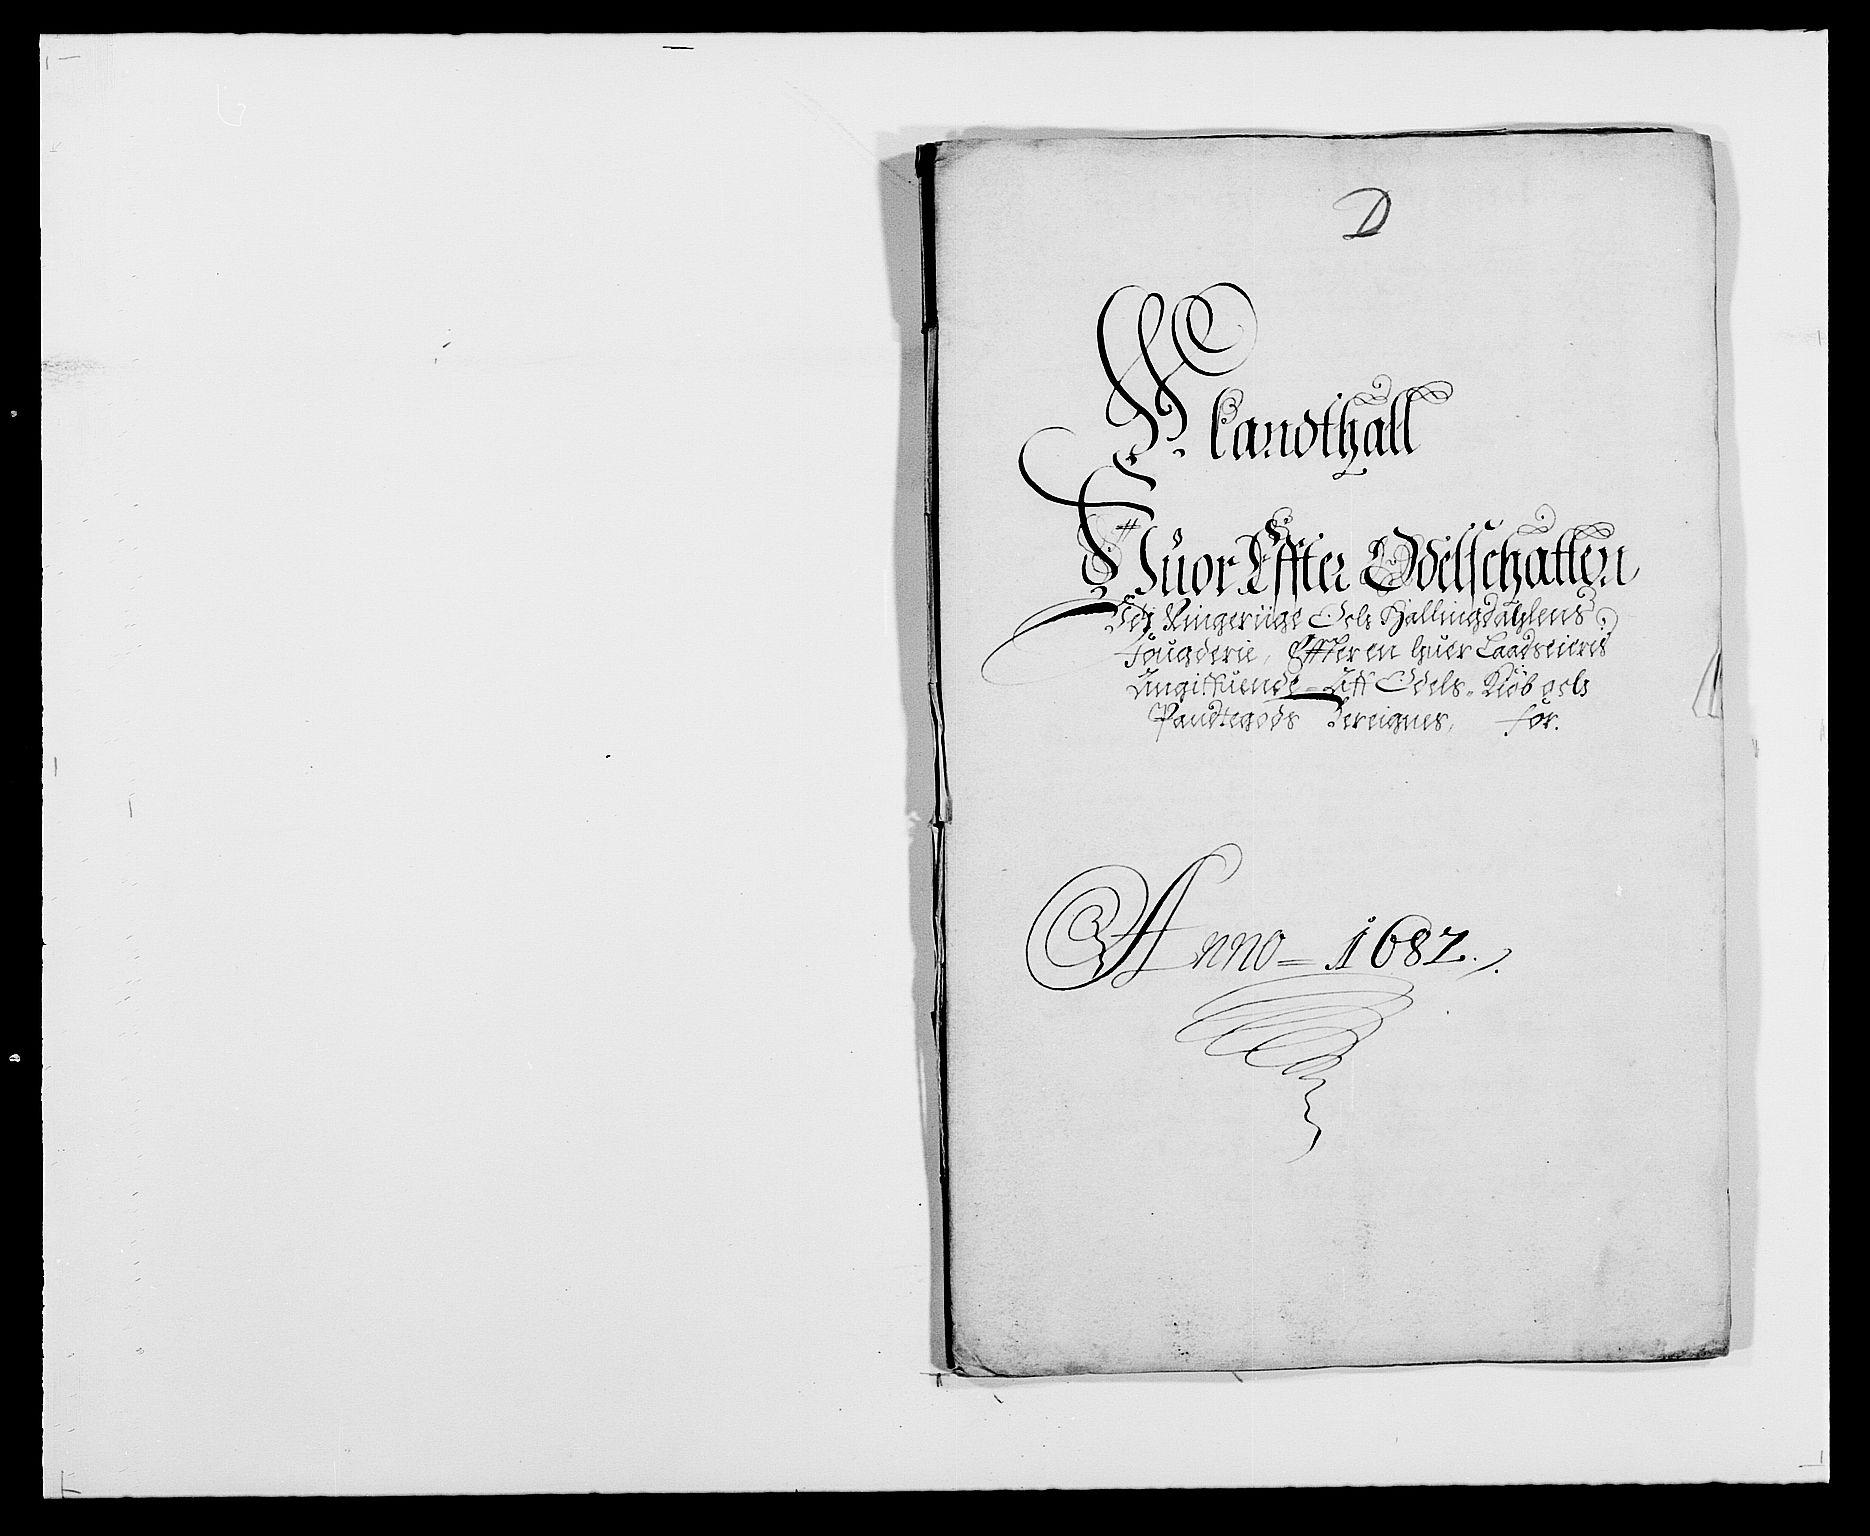 RA, Rentekammeret inntil 1814, Reviderte regnskaper, Fogderegnskap, R21/L1445: Fogderegnskap Ringerike og Hallingdal, 1681-1689, s. 355